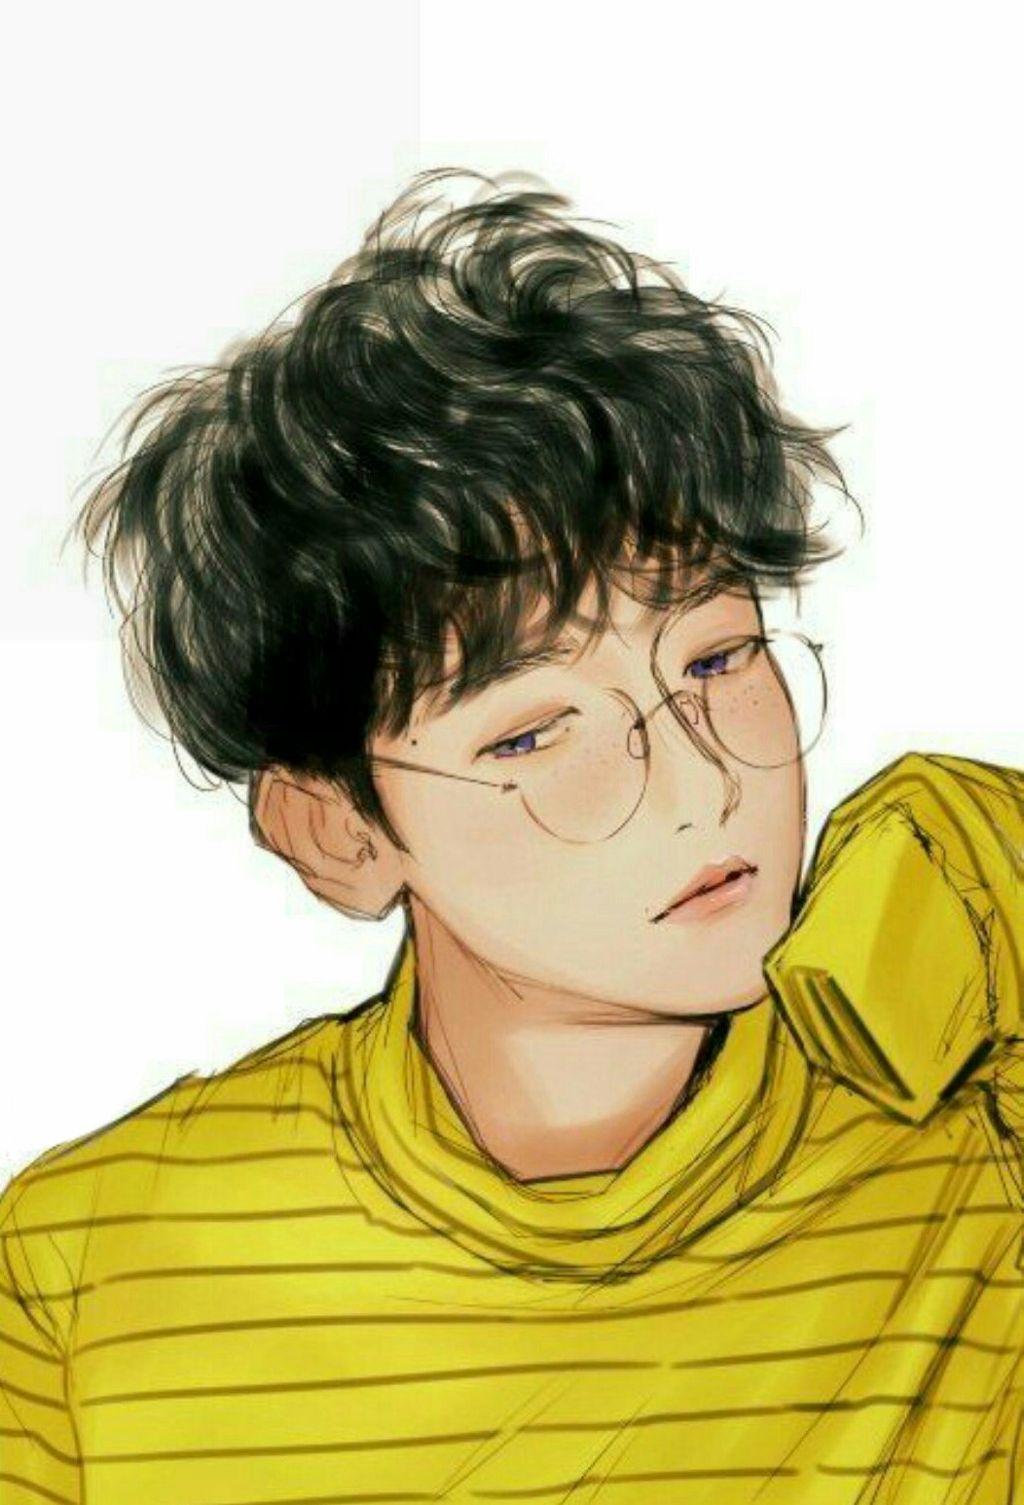 Ảnh anime Hàn đẹp chàng trai mắt tím